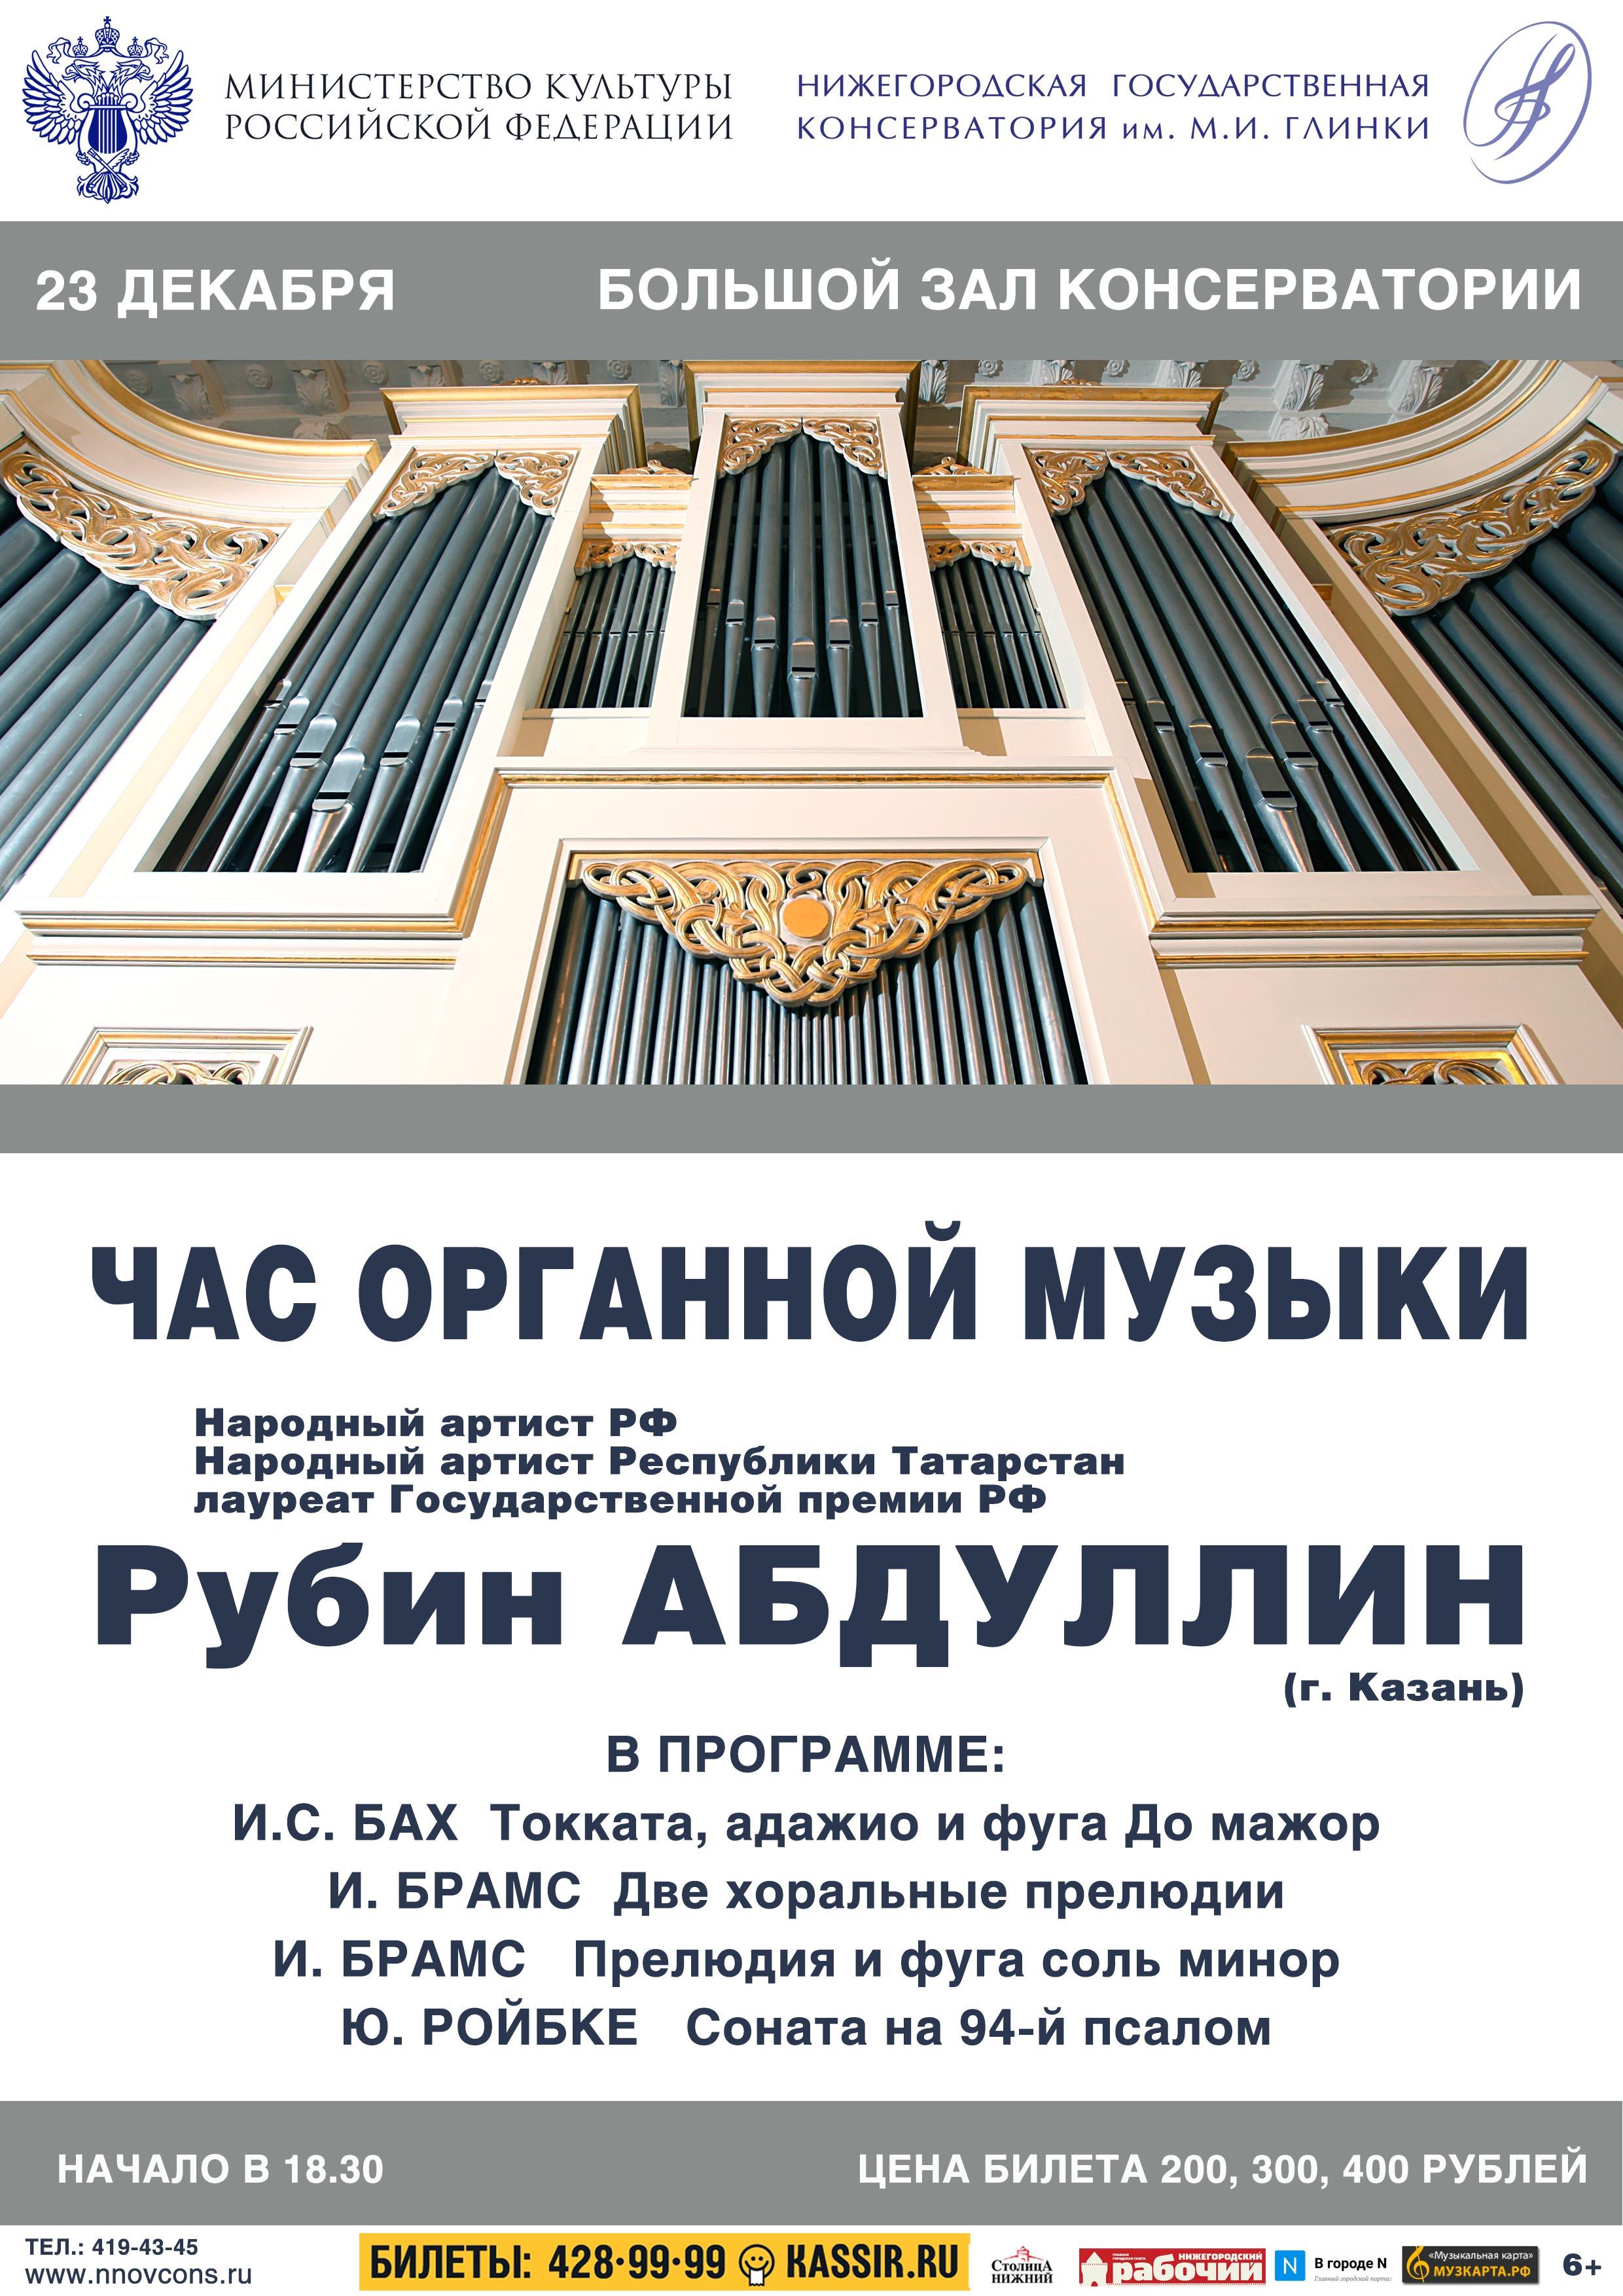 Час органной музыки